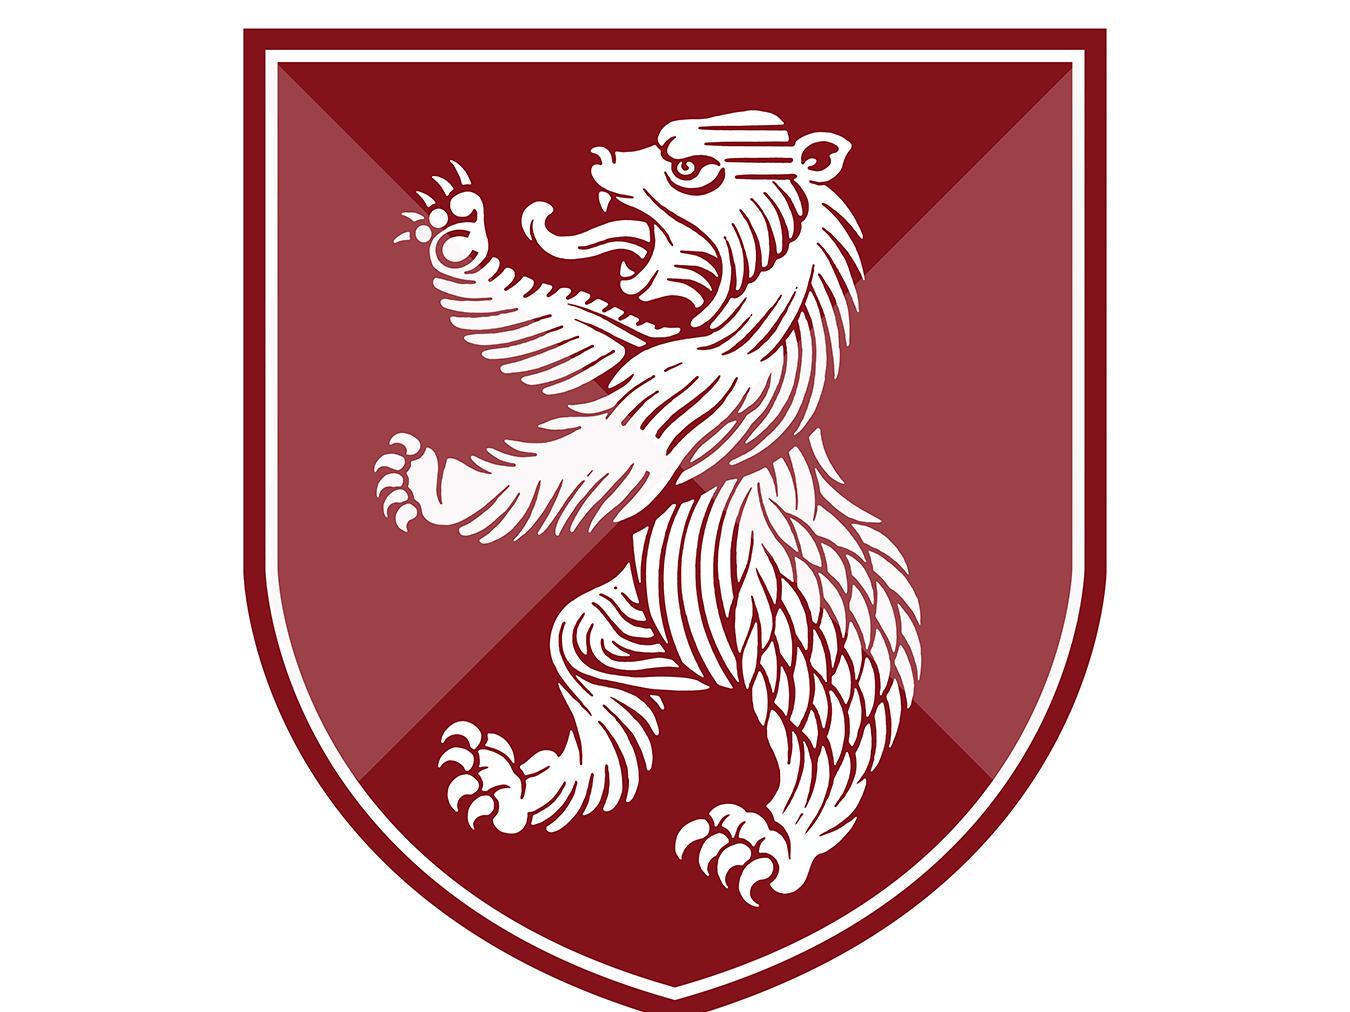 Bear Shield shield heraldry bear branding woodcut roger xavier scratchboard